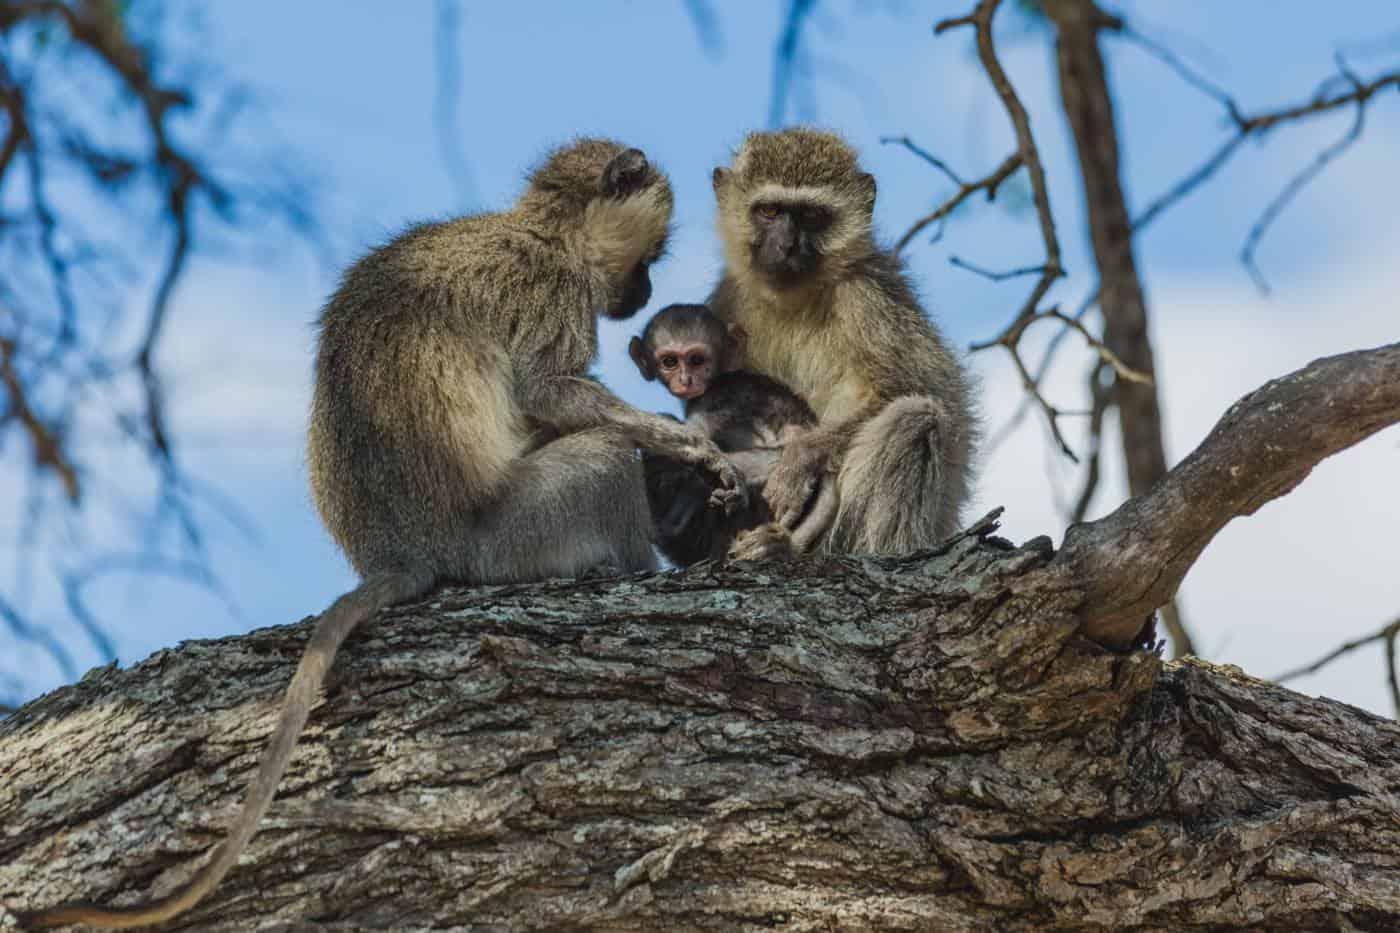 vervit monkeys kruger national park south africa